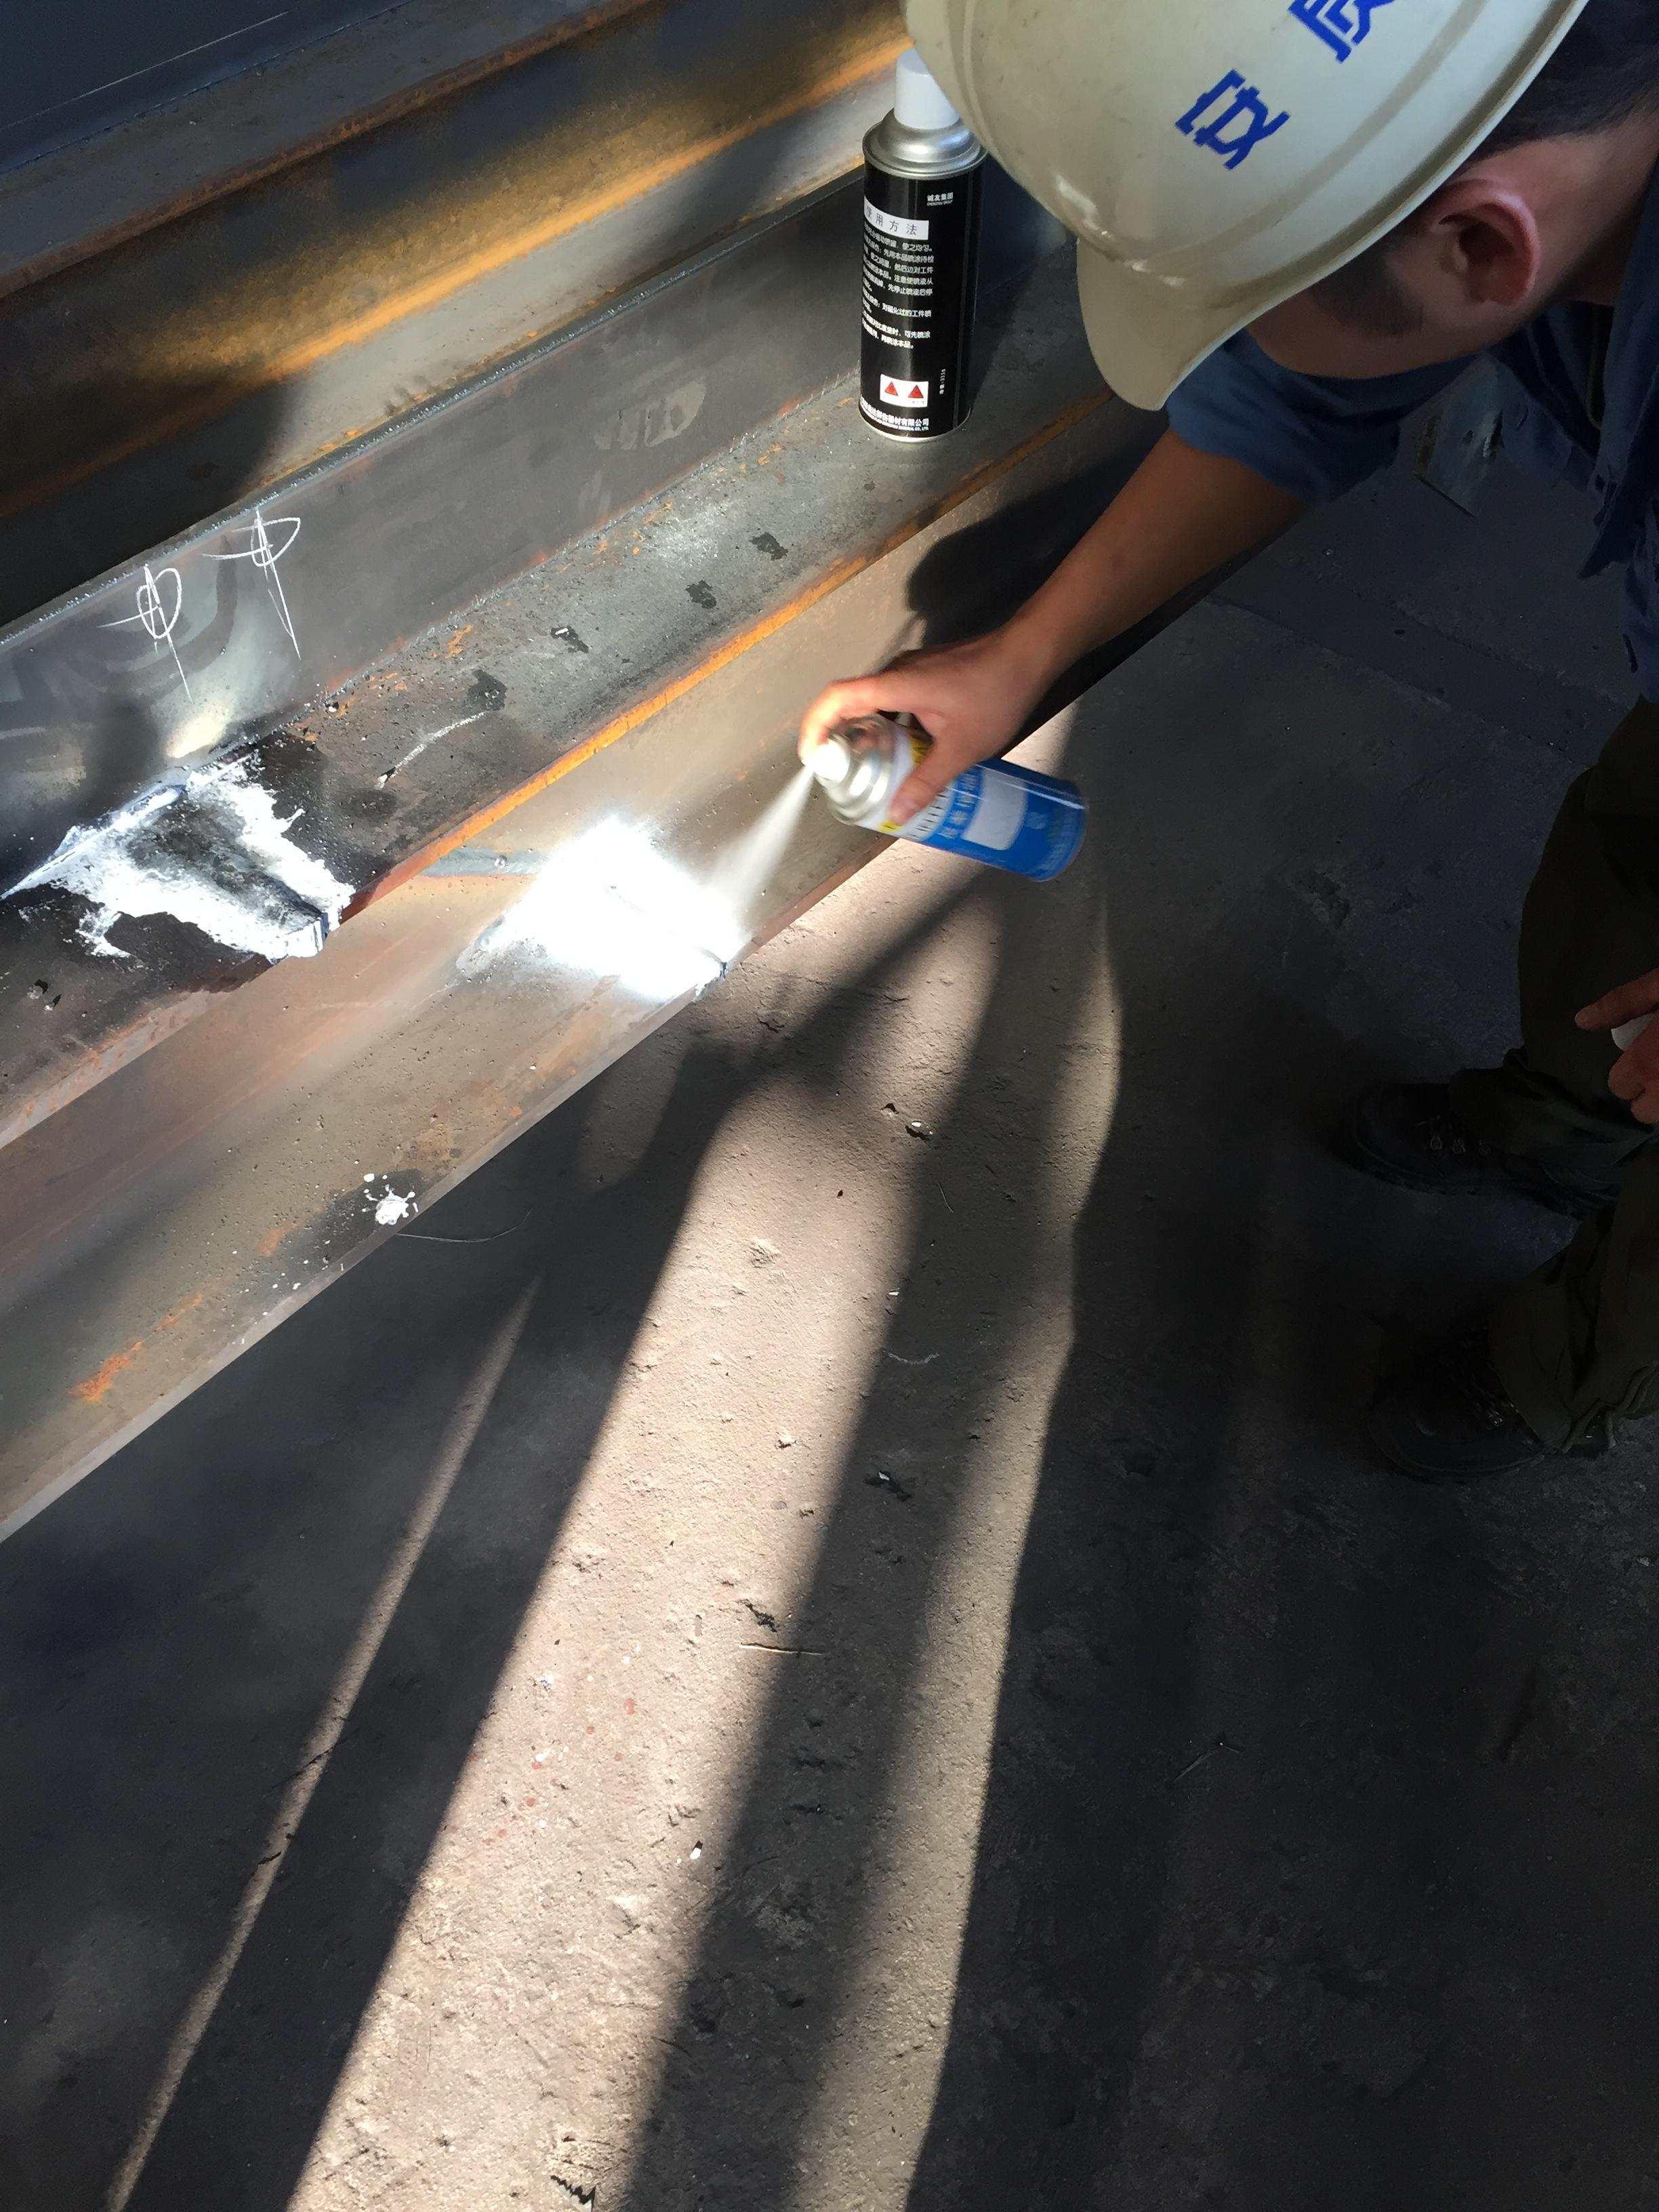 美泰科仪的数字磁粉探伤仪主要应用于检测钢结构中的对接焊缝和角焊缝